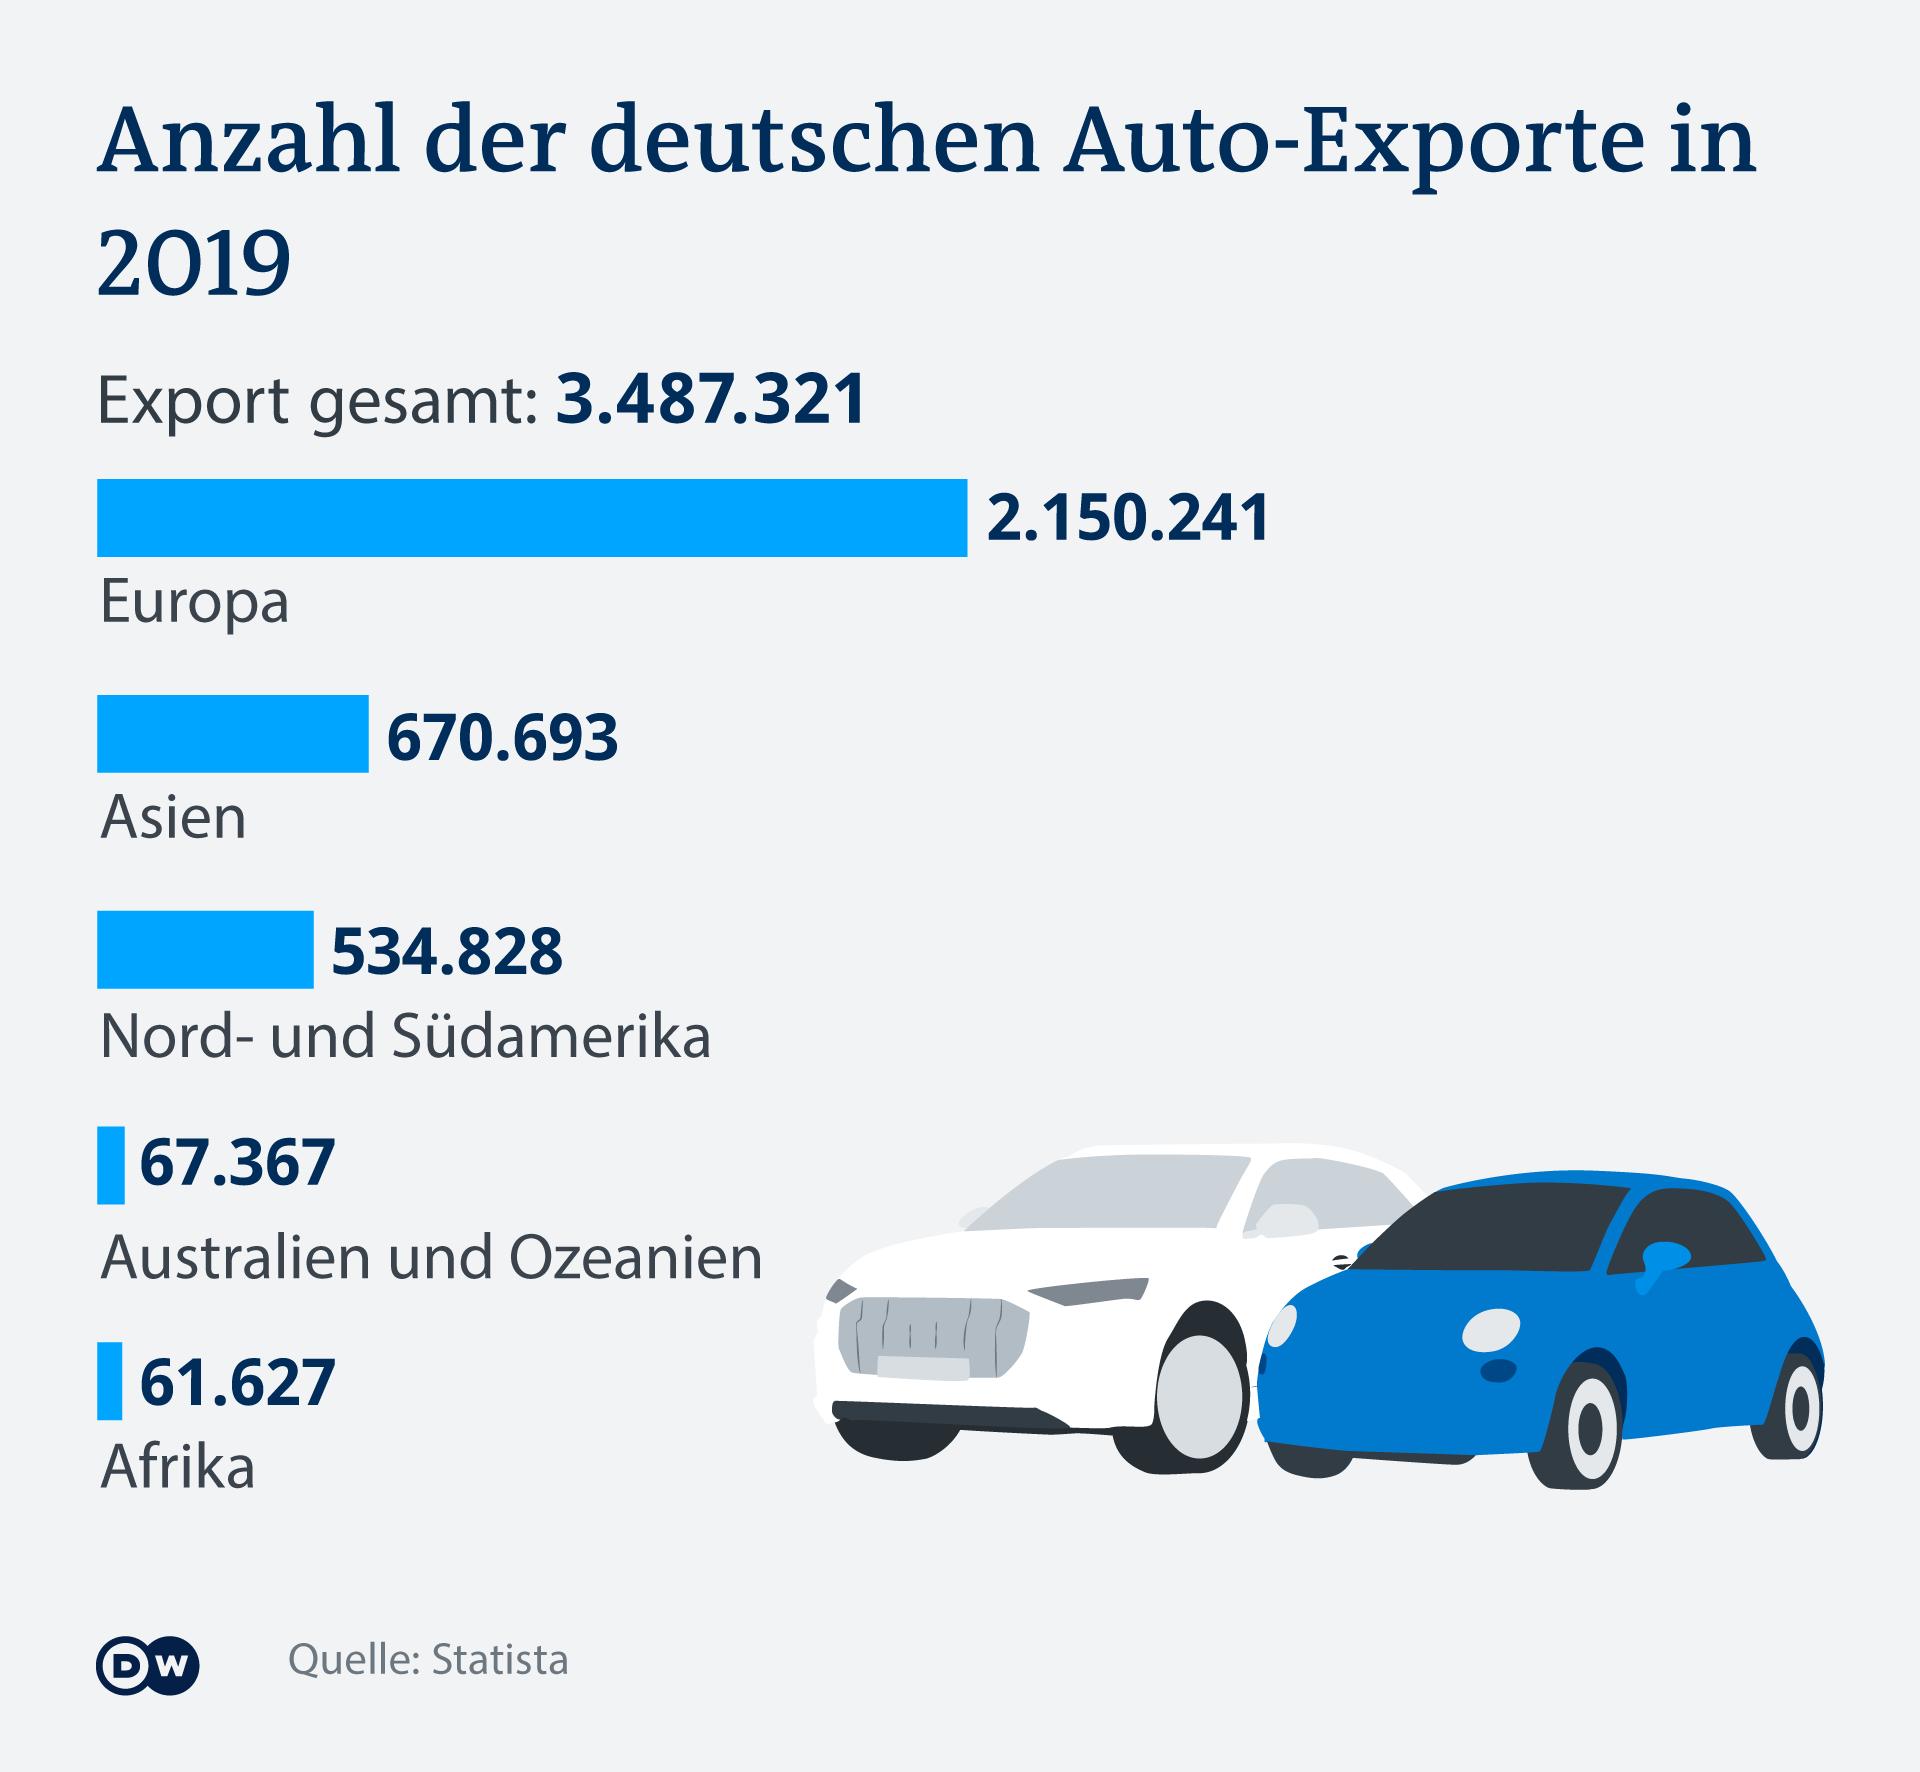 Noch ist die Zahl der Neuwagen, die in Afrika verkauft werden, extrem niedrig im Vergleich zu anderen Märkten